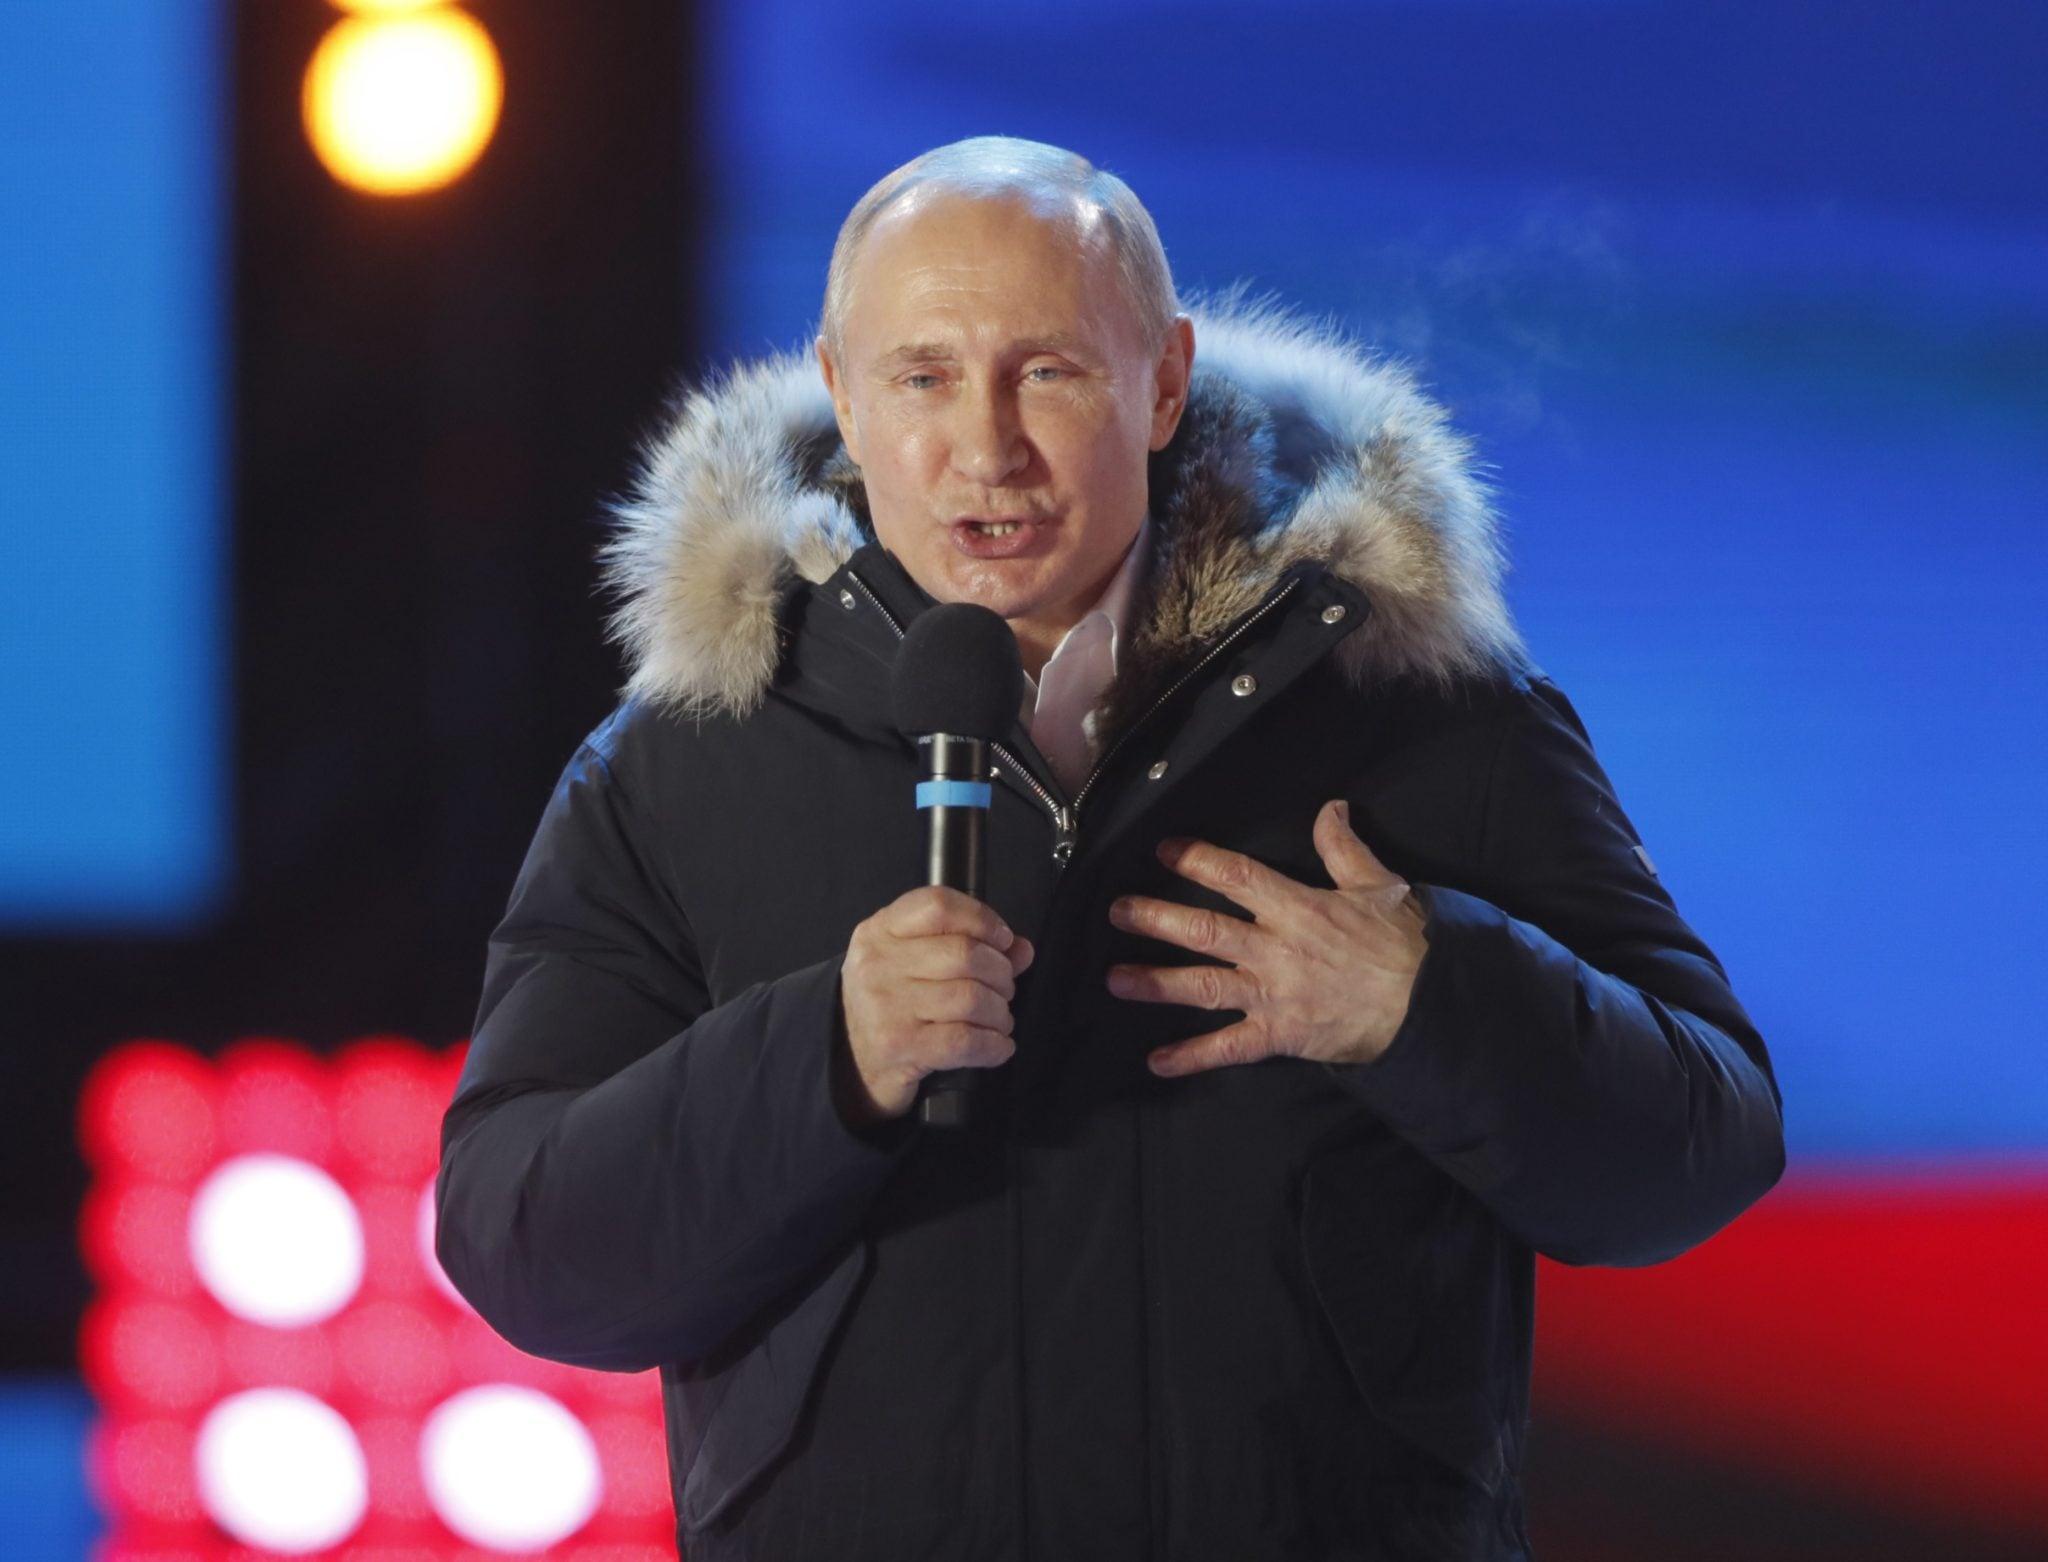 Rosja: wybory prezydenckie, Putin wybrany na 4. kadencję, fot: Yuri Kochetkov, PAP/EPA